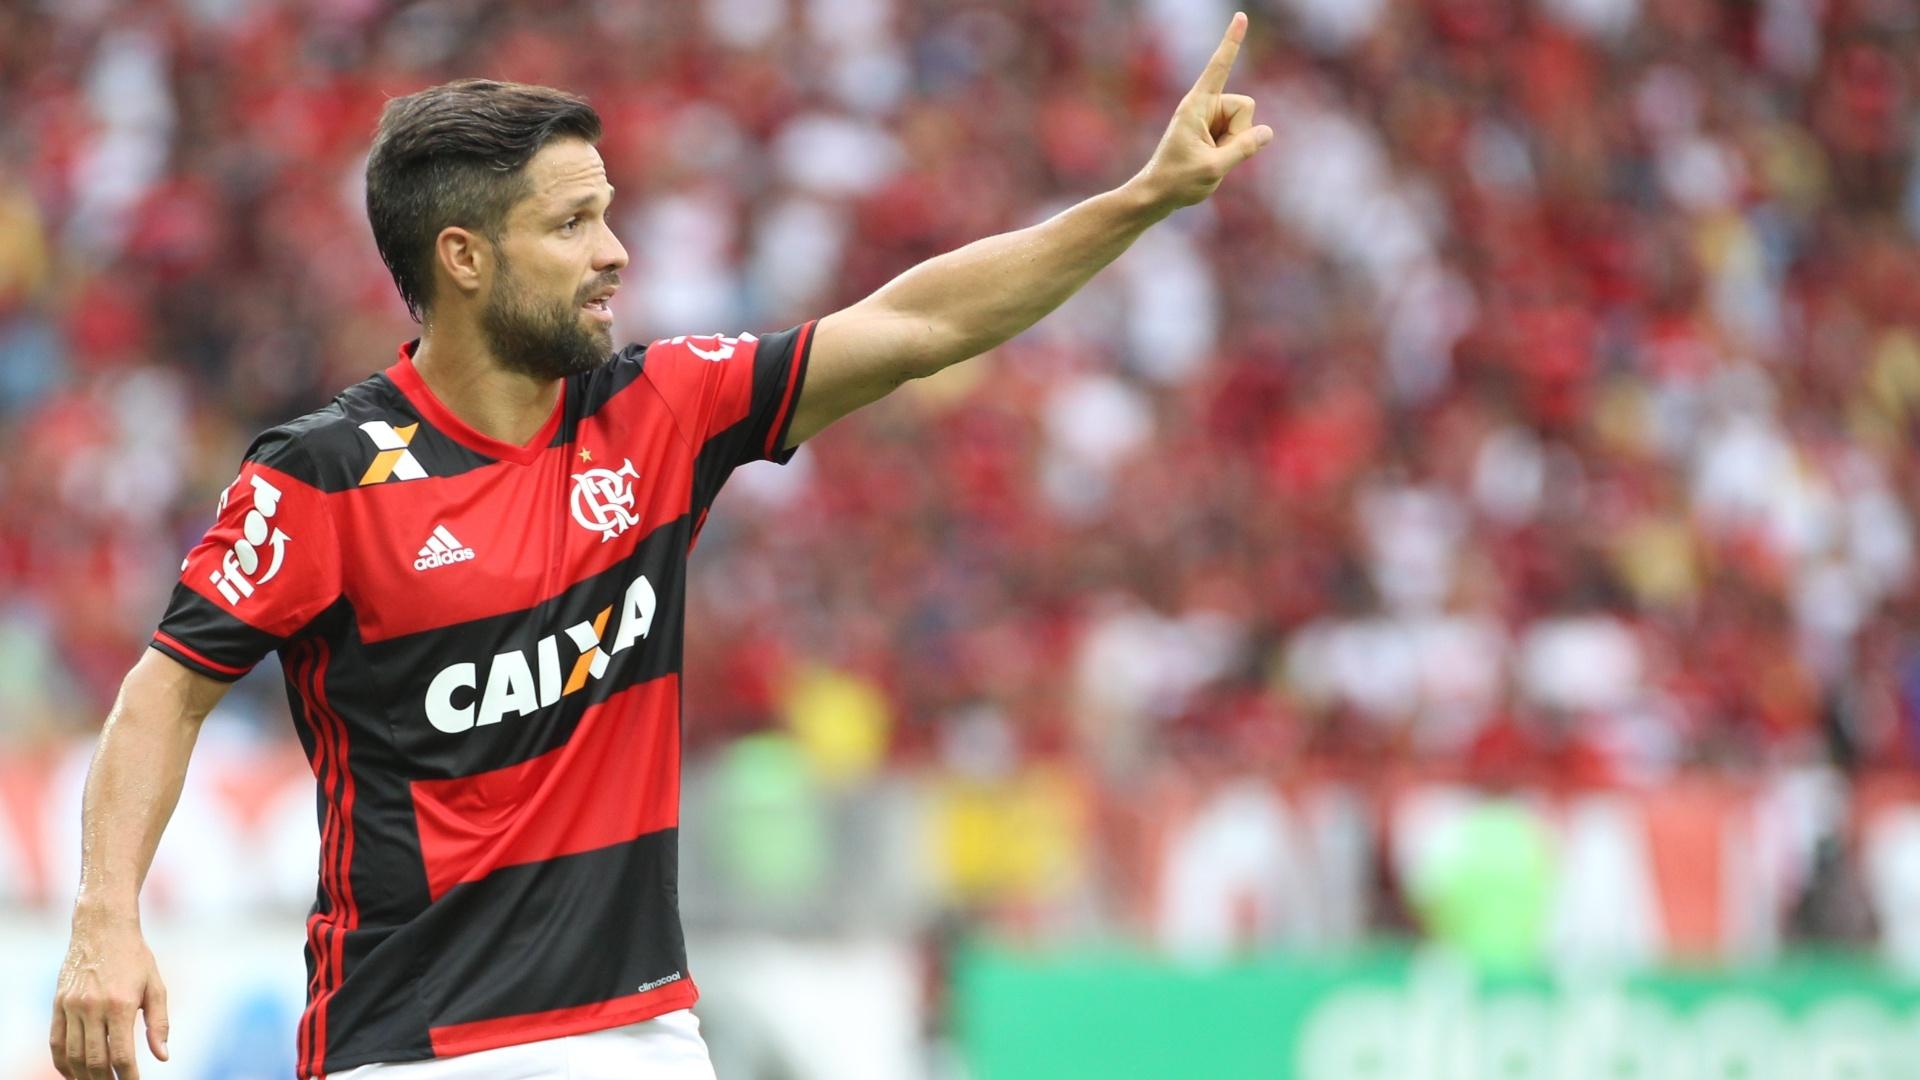 O meia Diego é um dos líderes do Flamengo na busca pelo sétimo título brasileiro